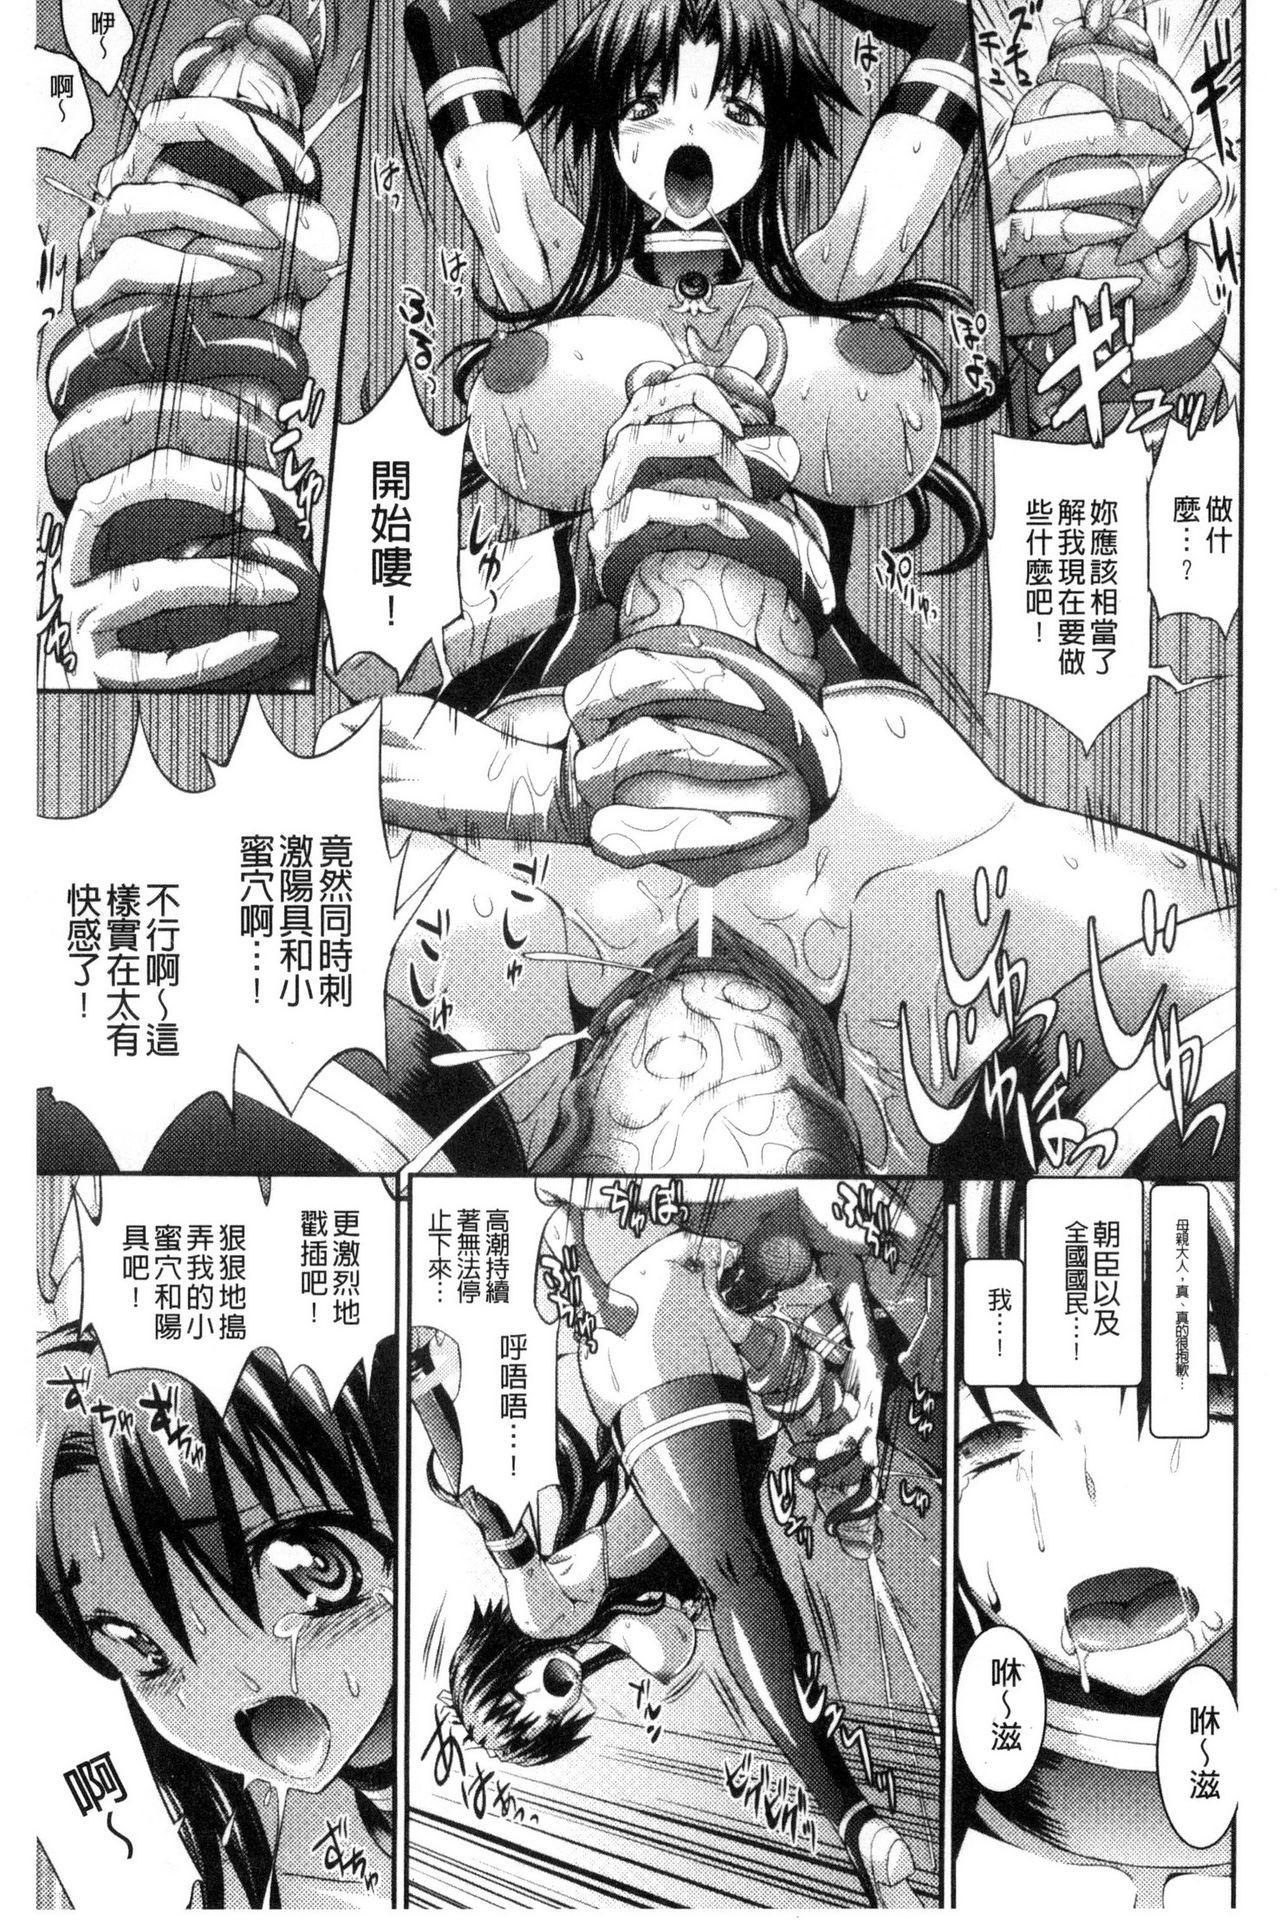 Busou Senki 89